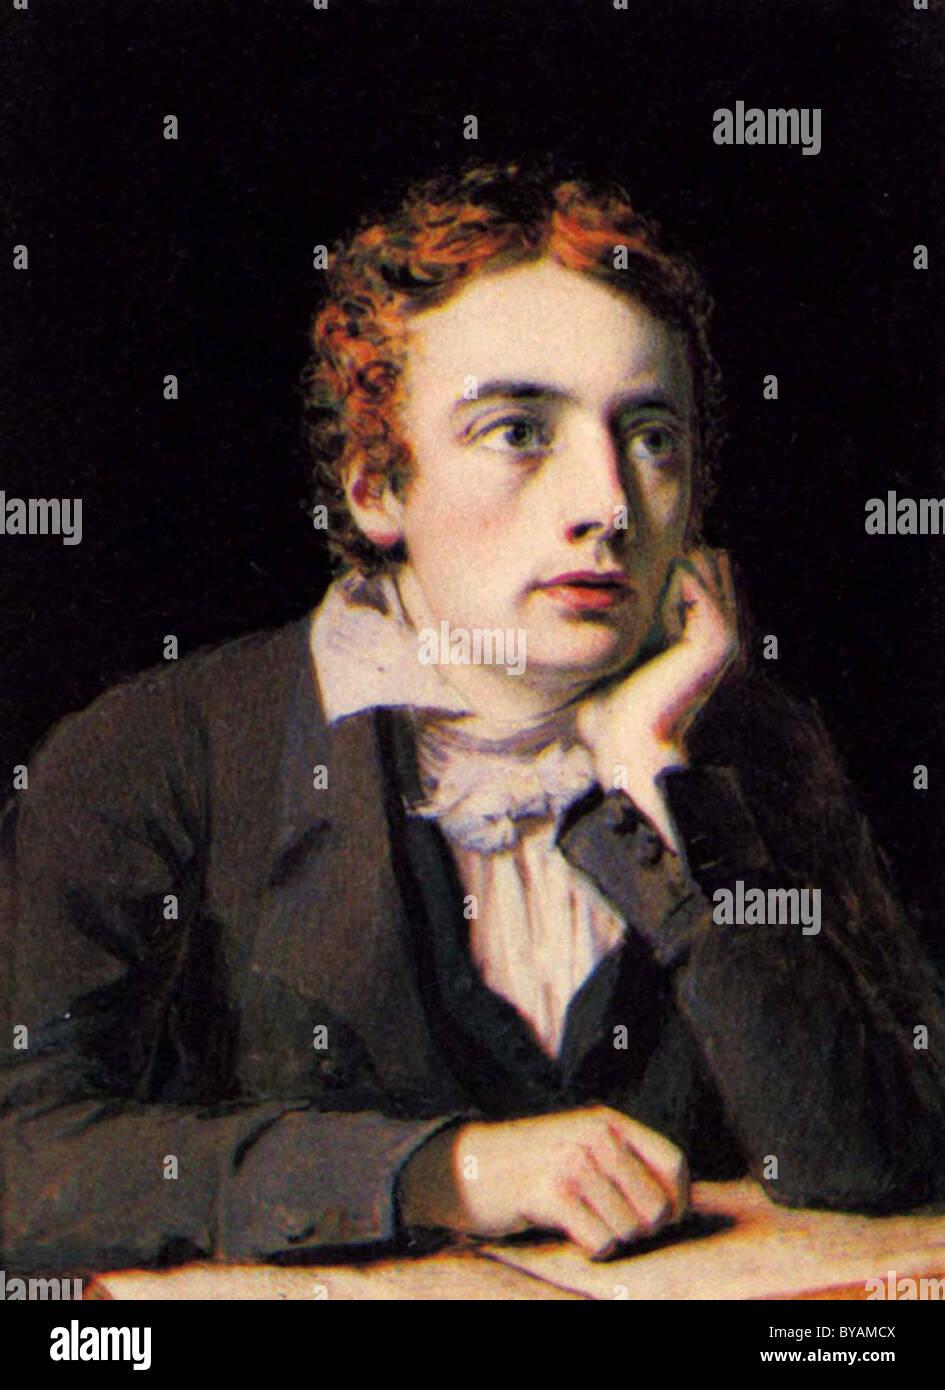 John Keats, English Romantic poet. - Stock Image